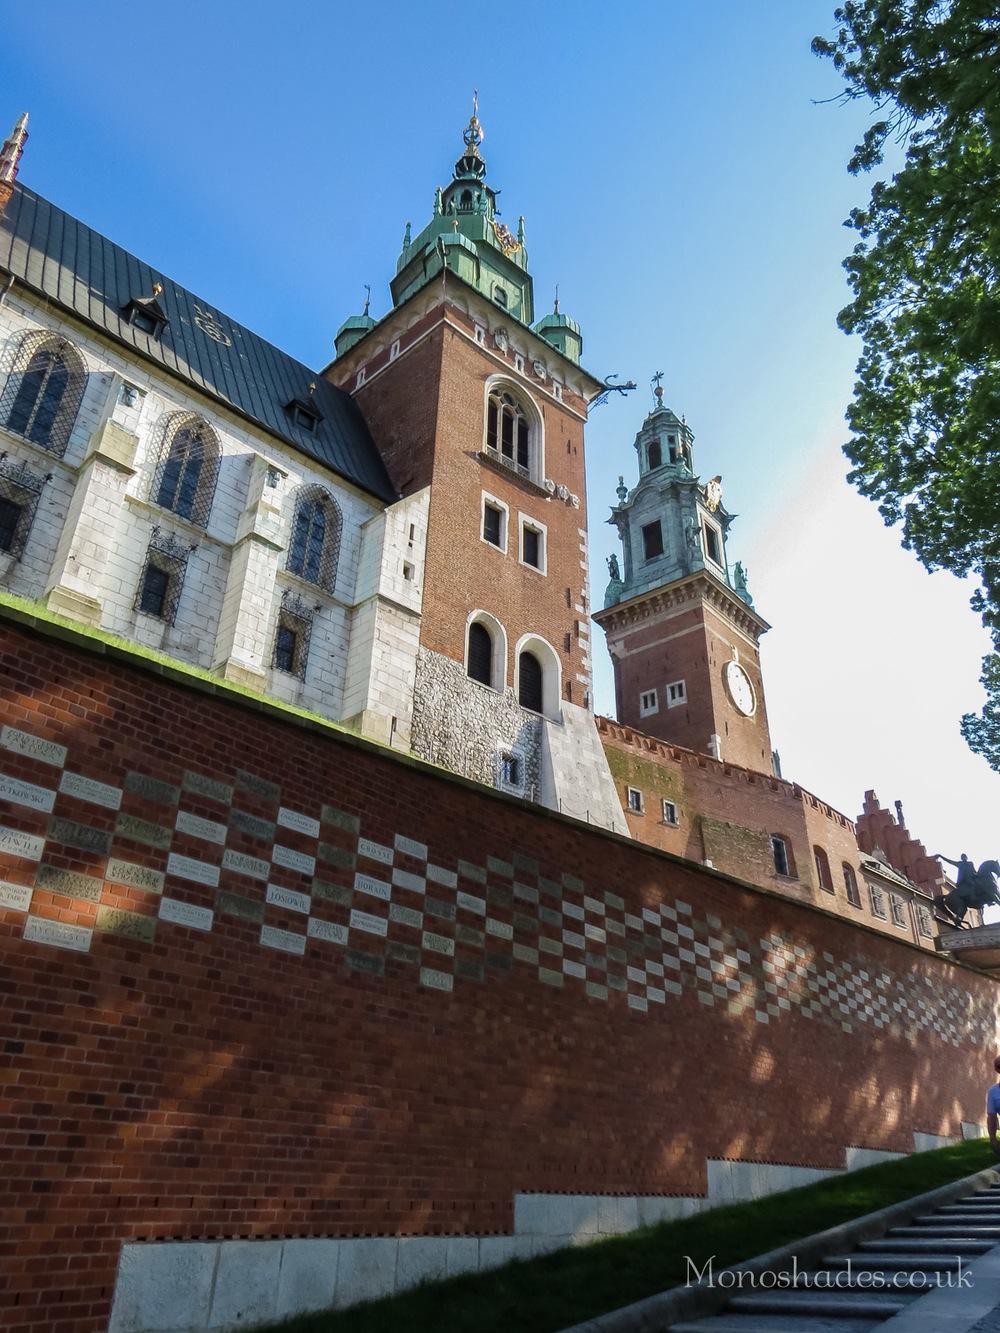 krakow_2016 (19 of 23).jpg